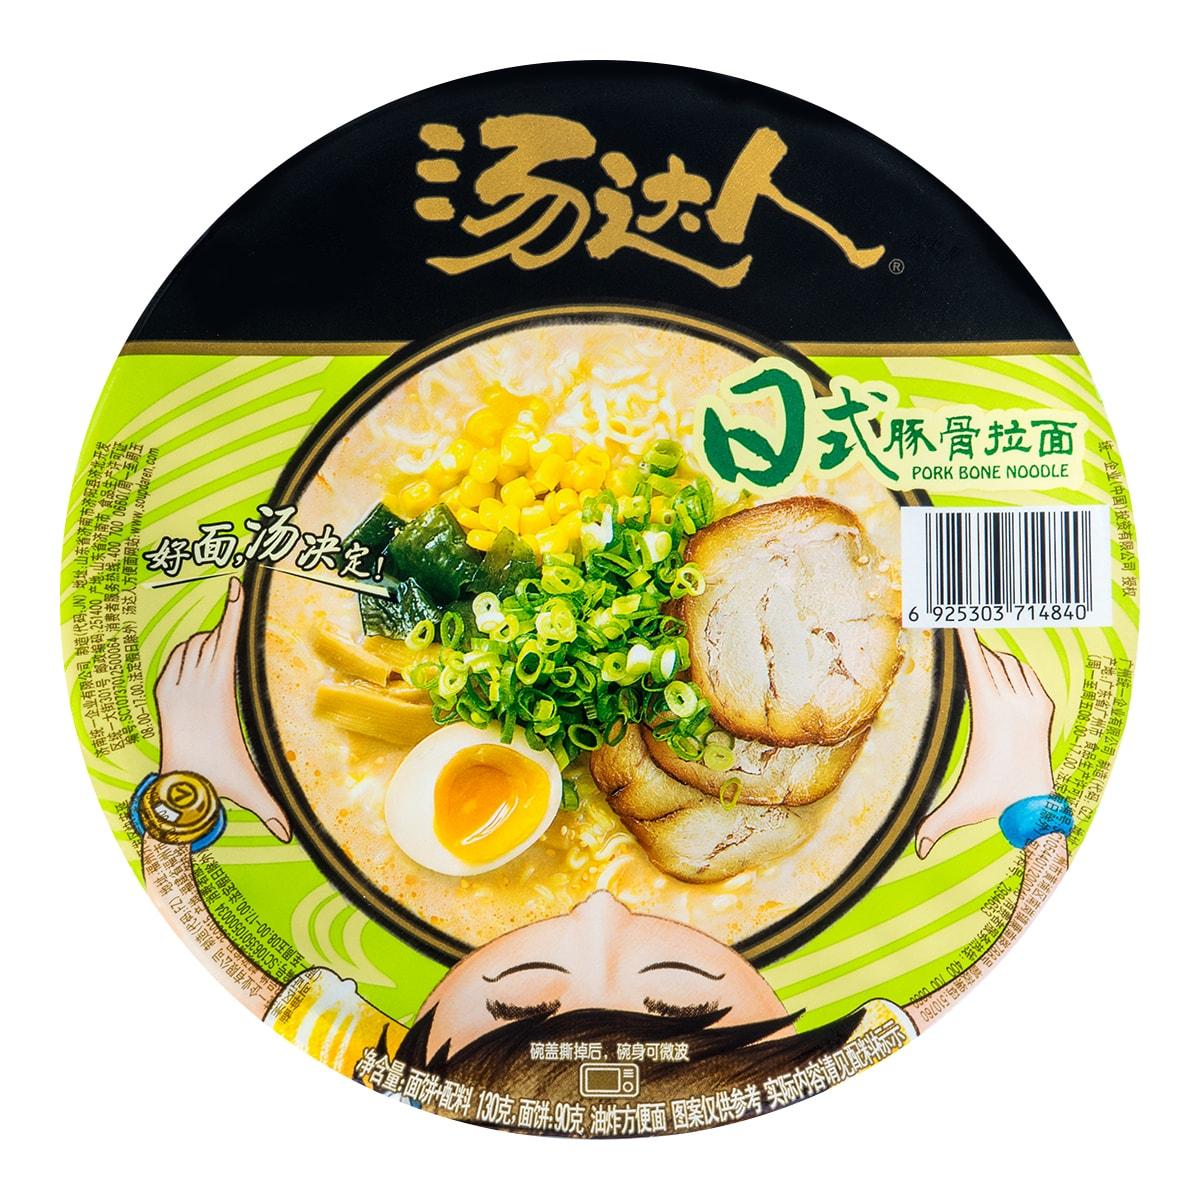 台湾统一 汤达人 日式豚骨拉面 碗装 130g